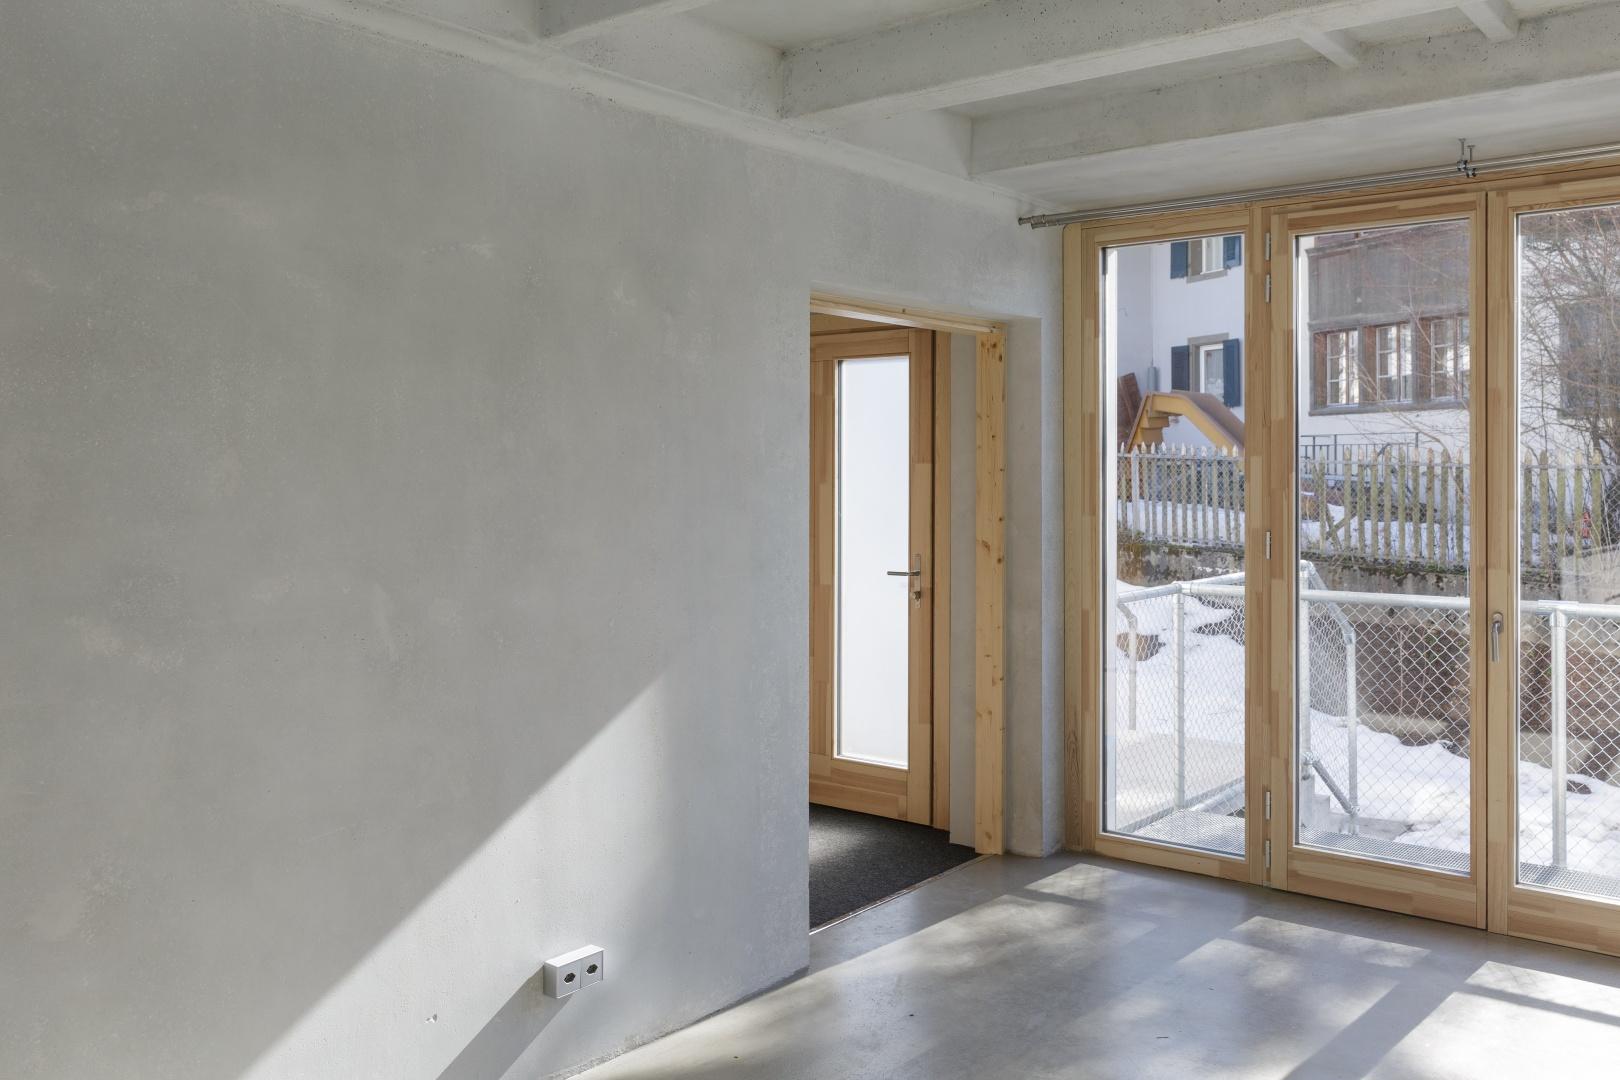 Entrée © moos giuliani herrmann architekten, silvano pedrett